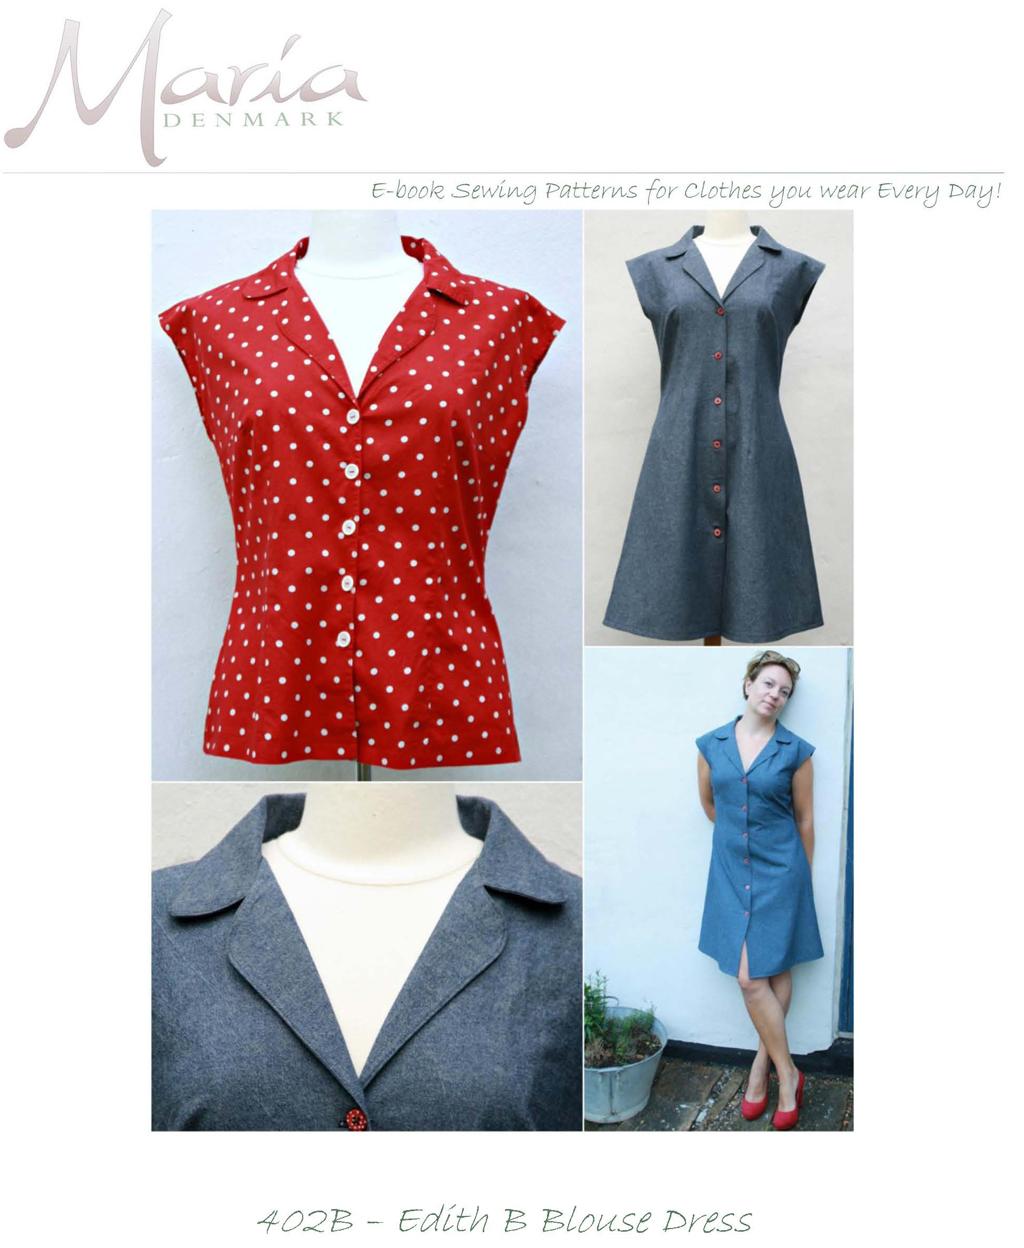 Mariadenmark 402 Edith Blouse Dress